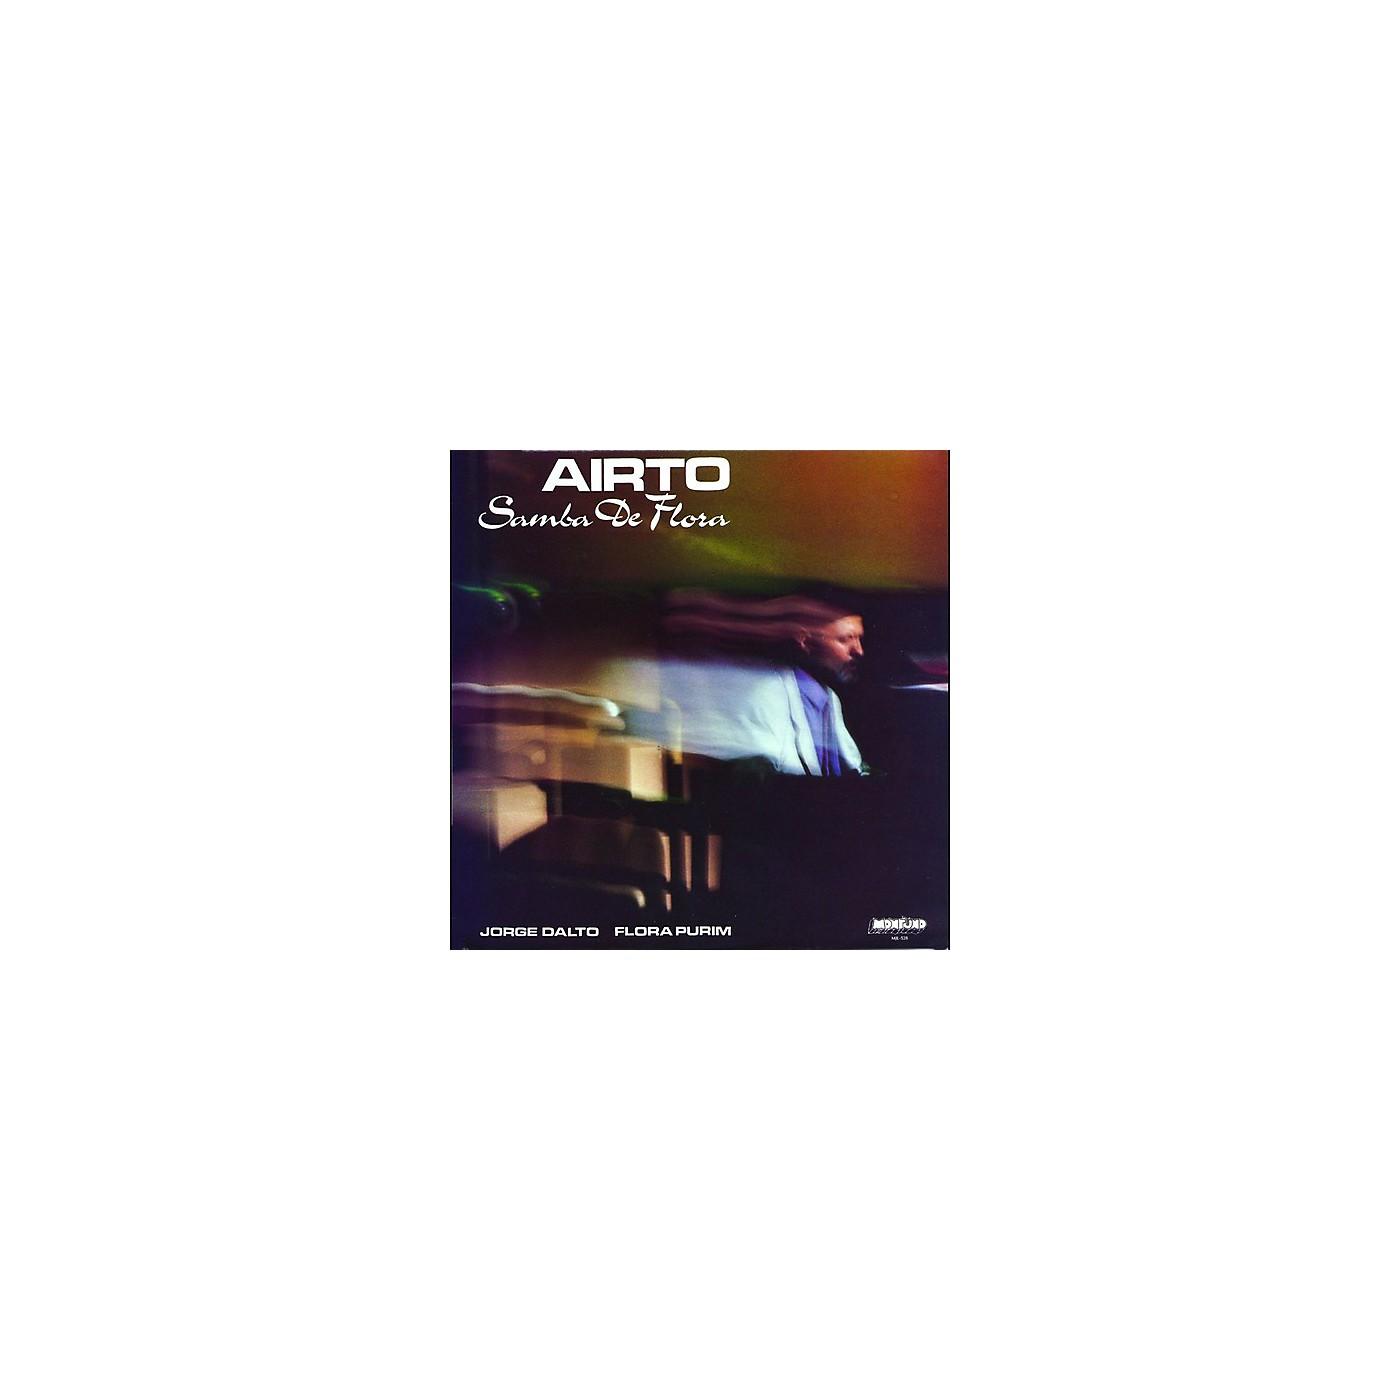 Alliance Airto - Soul Jazz Records Presents Airto: Samba De Flora thumbnail